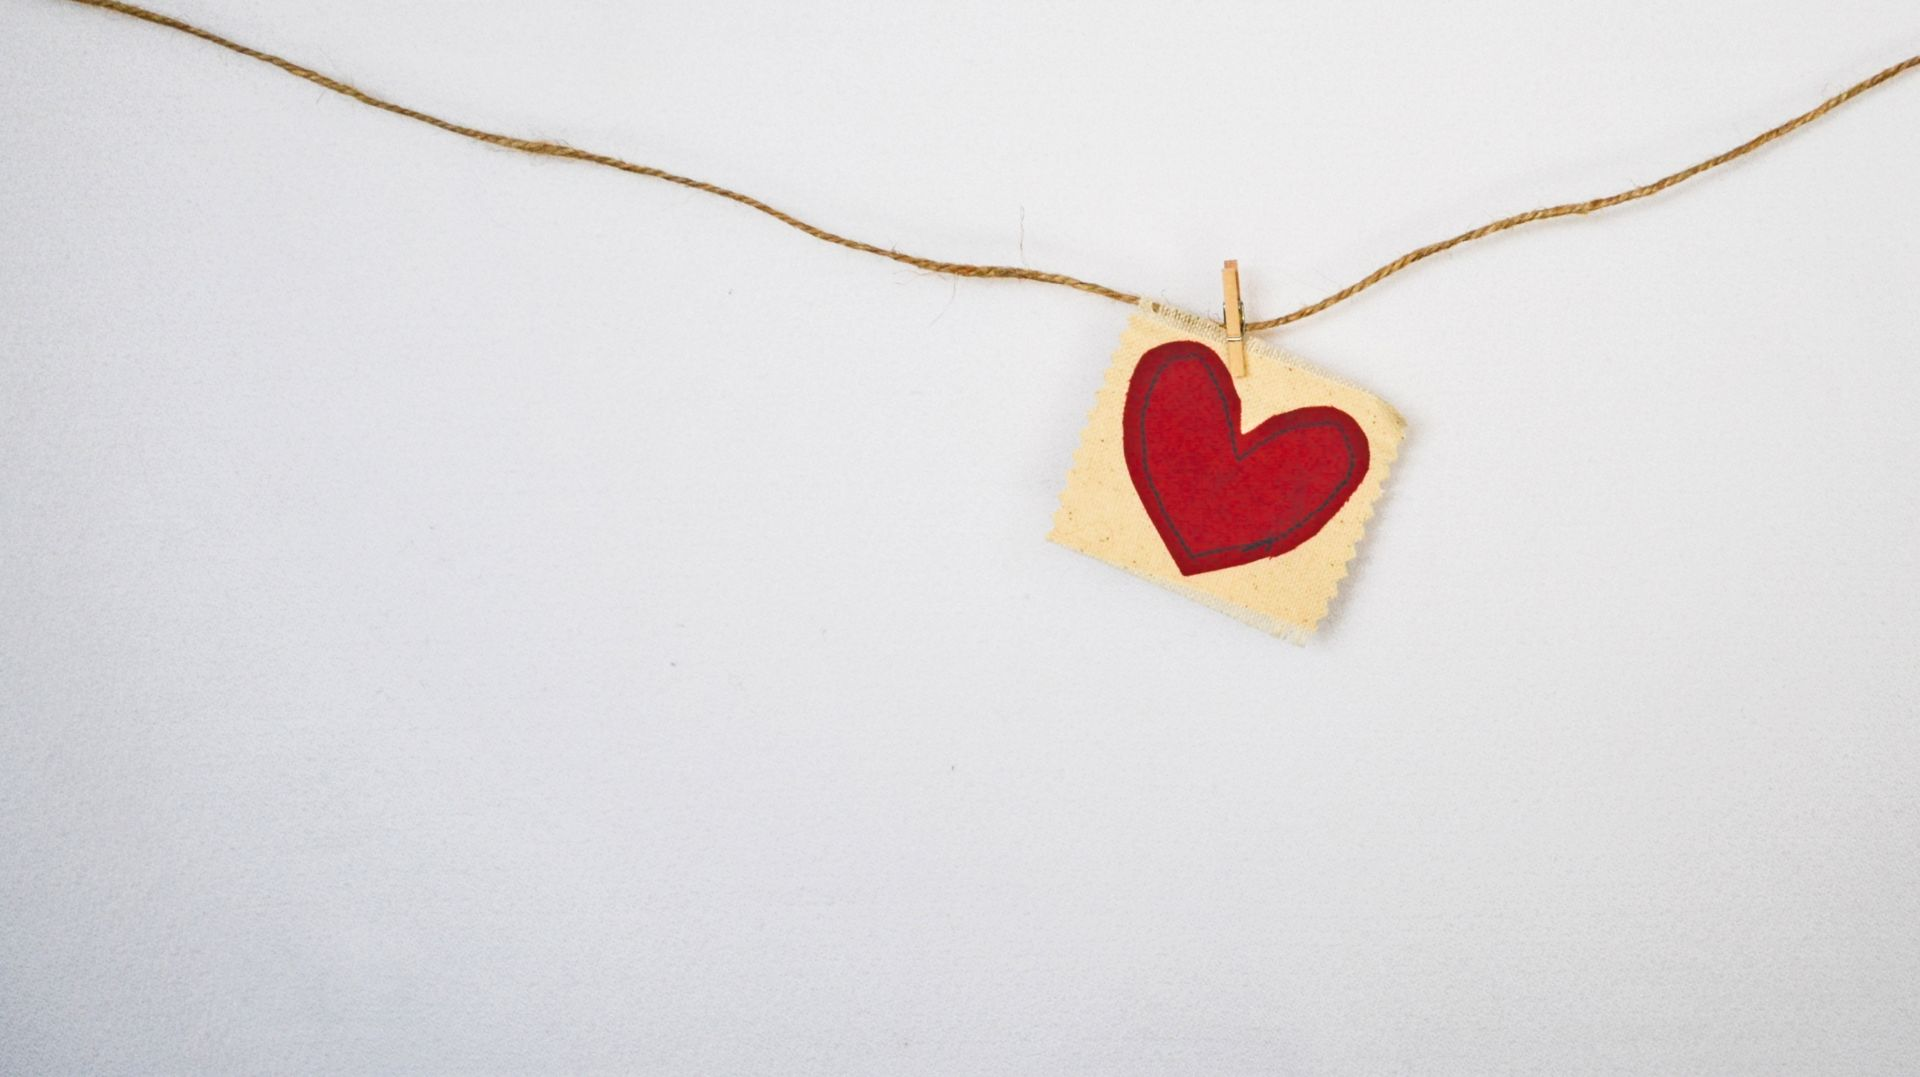 Pyykkinarulle ripustettu kankaan pala, johon on piirretty punainen sydän.